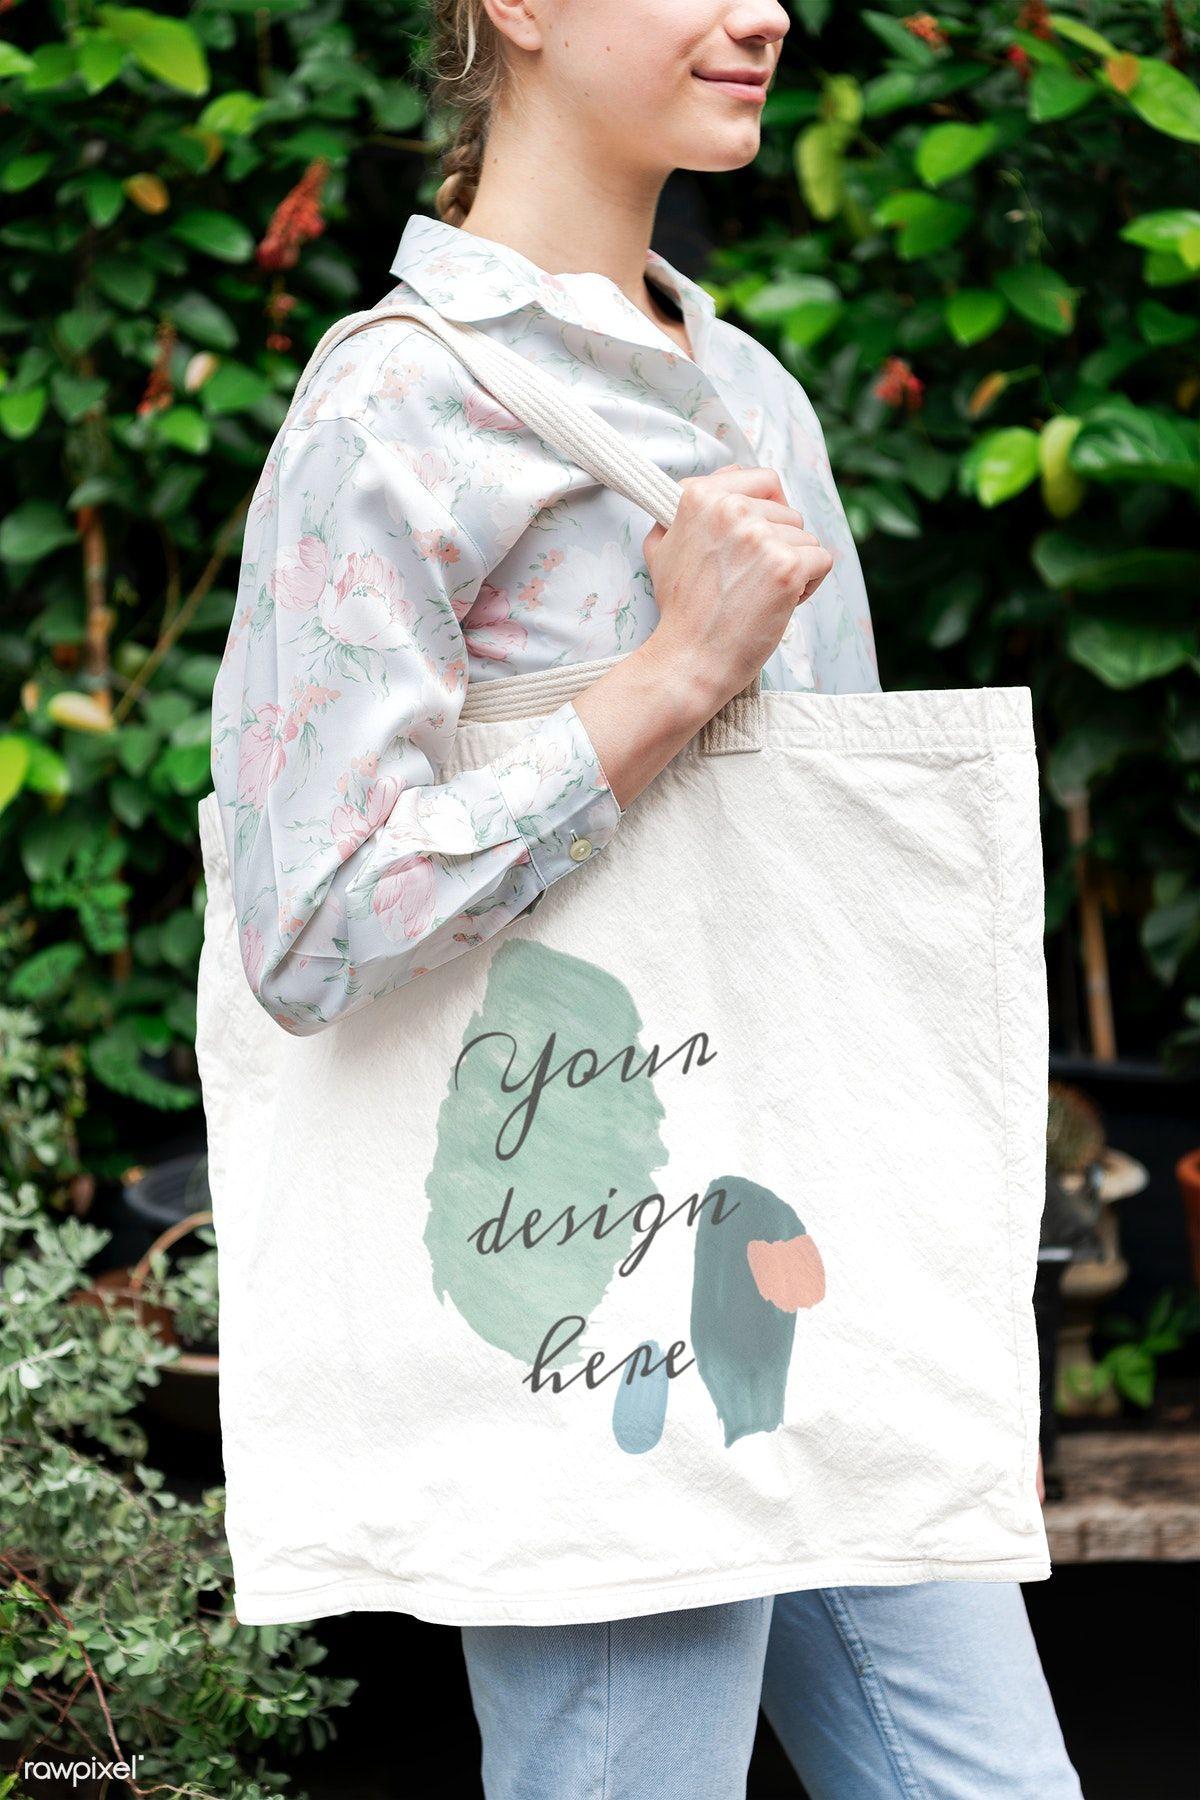 Download Download Premium Psd Of Woman With A Tote Bag Mockup 1212430 Bag Mockup Printed Canvas Bag Tote Bag